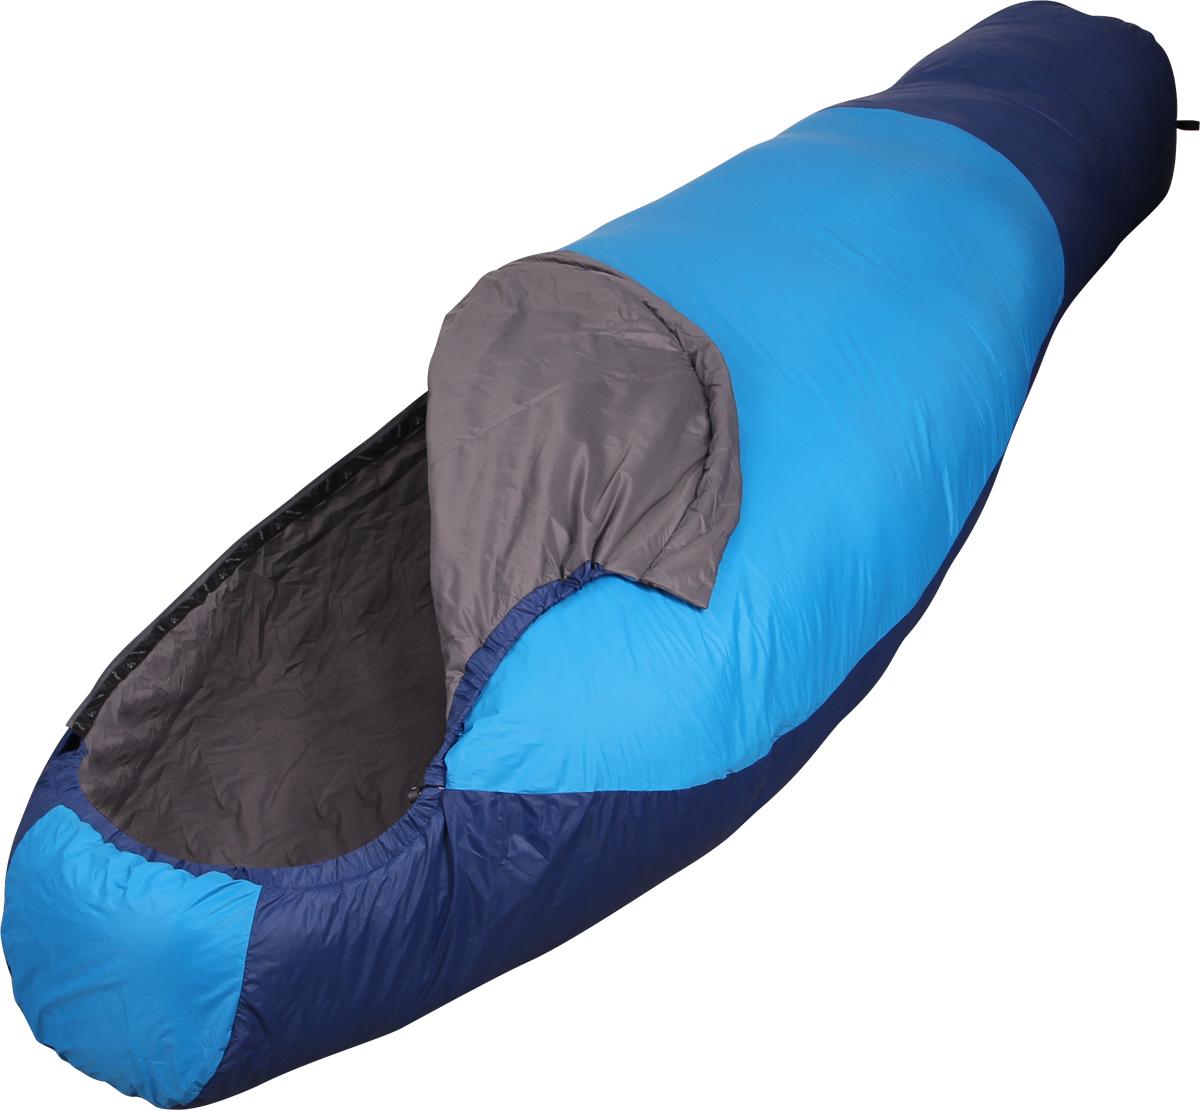 Мешок спальный Сплав Antris 60, левосторонняя молния, цвет: голубой, 220 x 85 x 55 см4505463Сверхлегкий, летний спальный мешок.